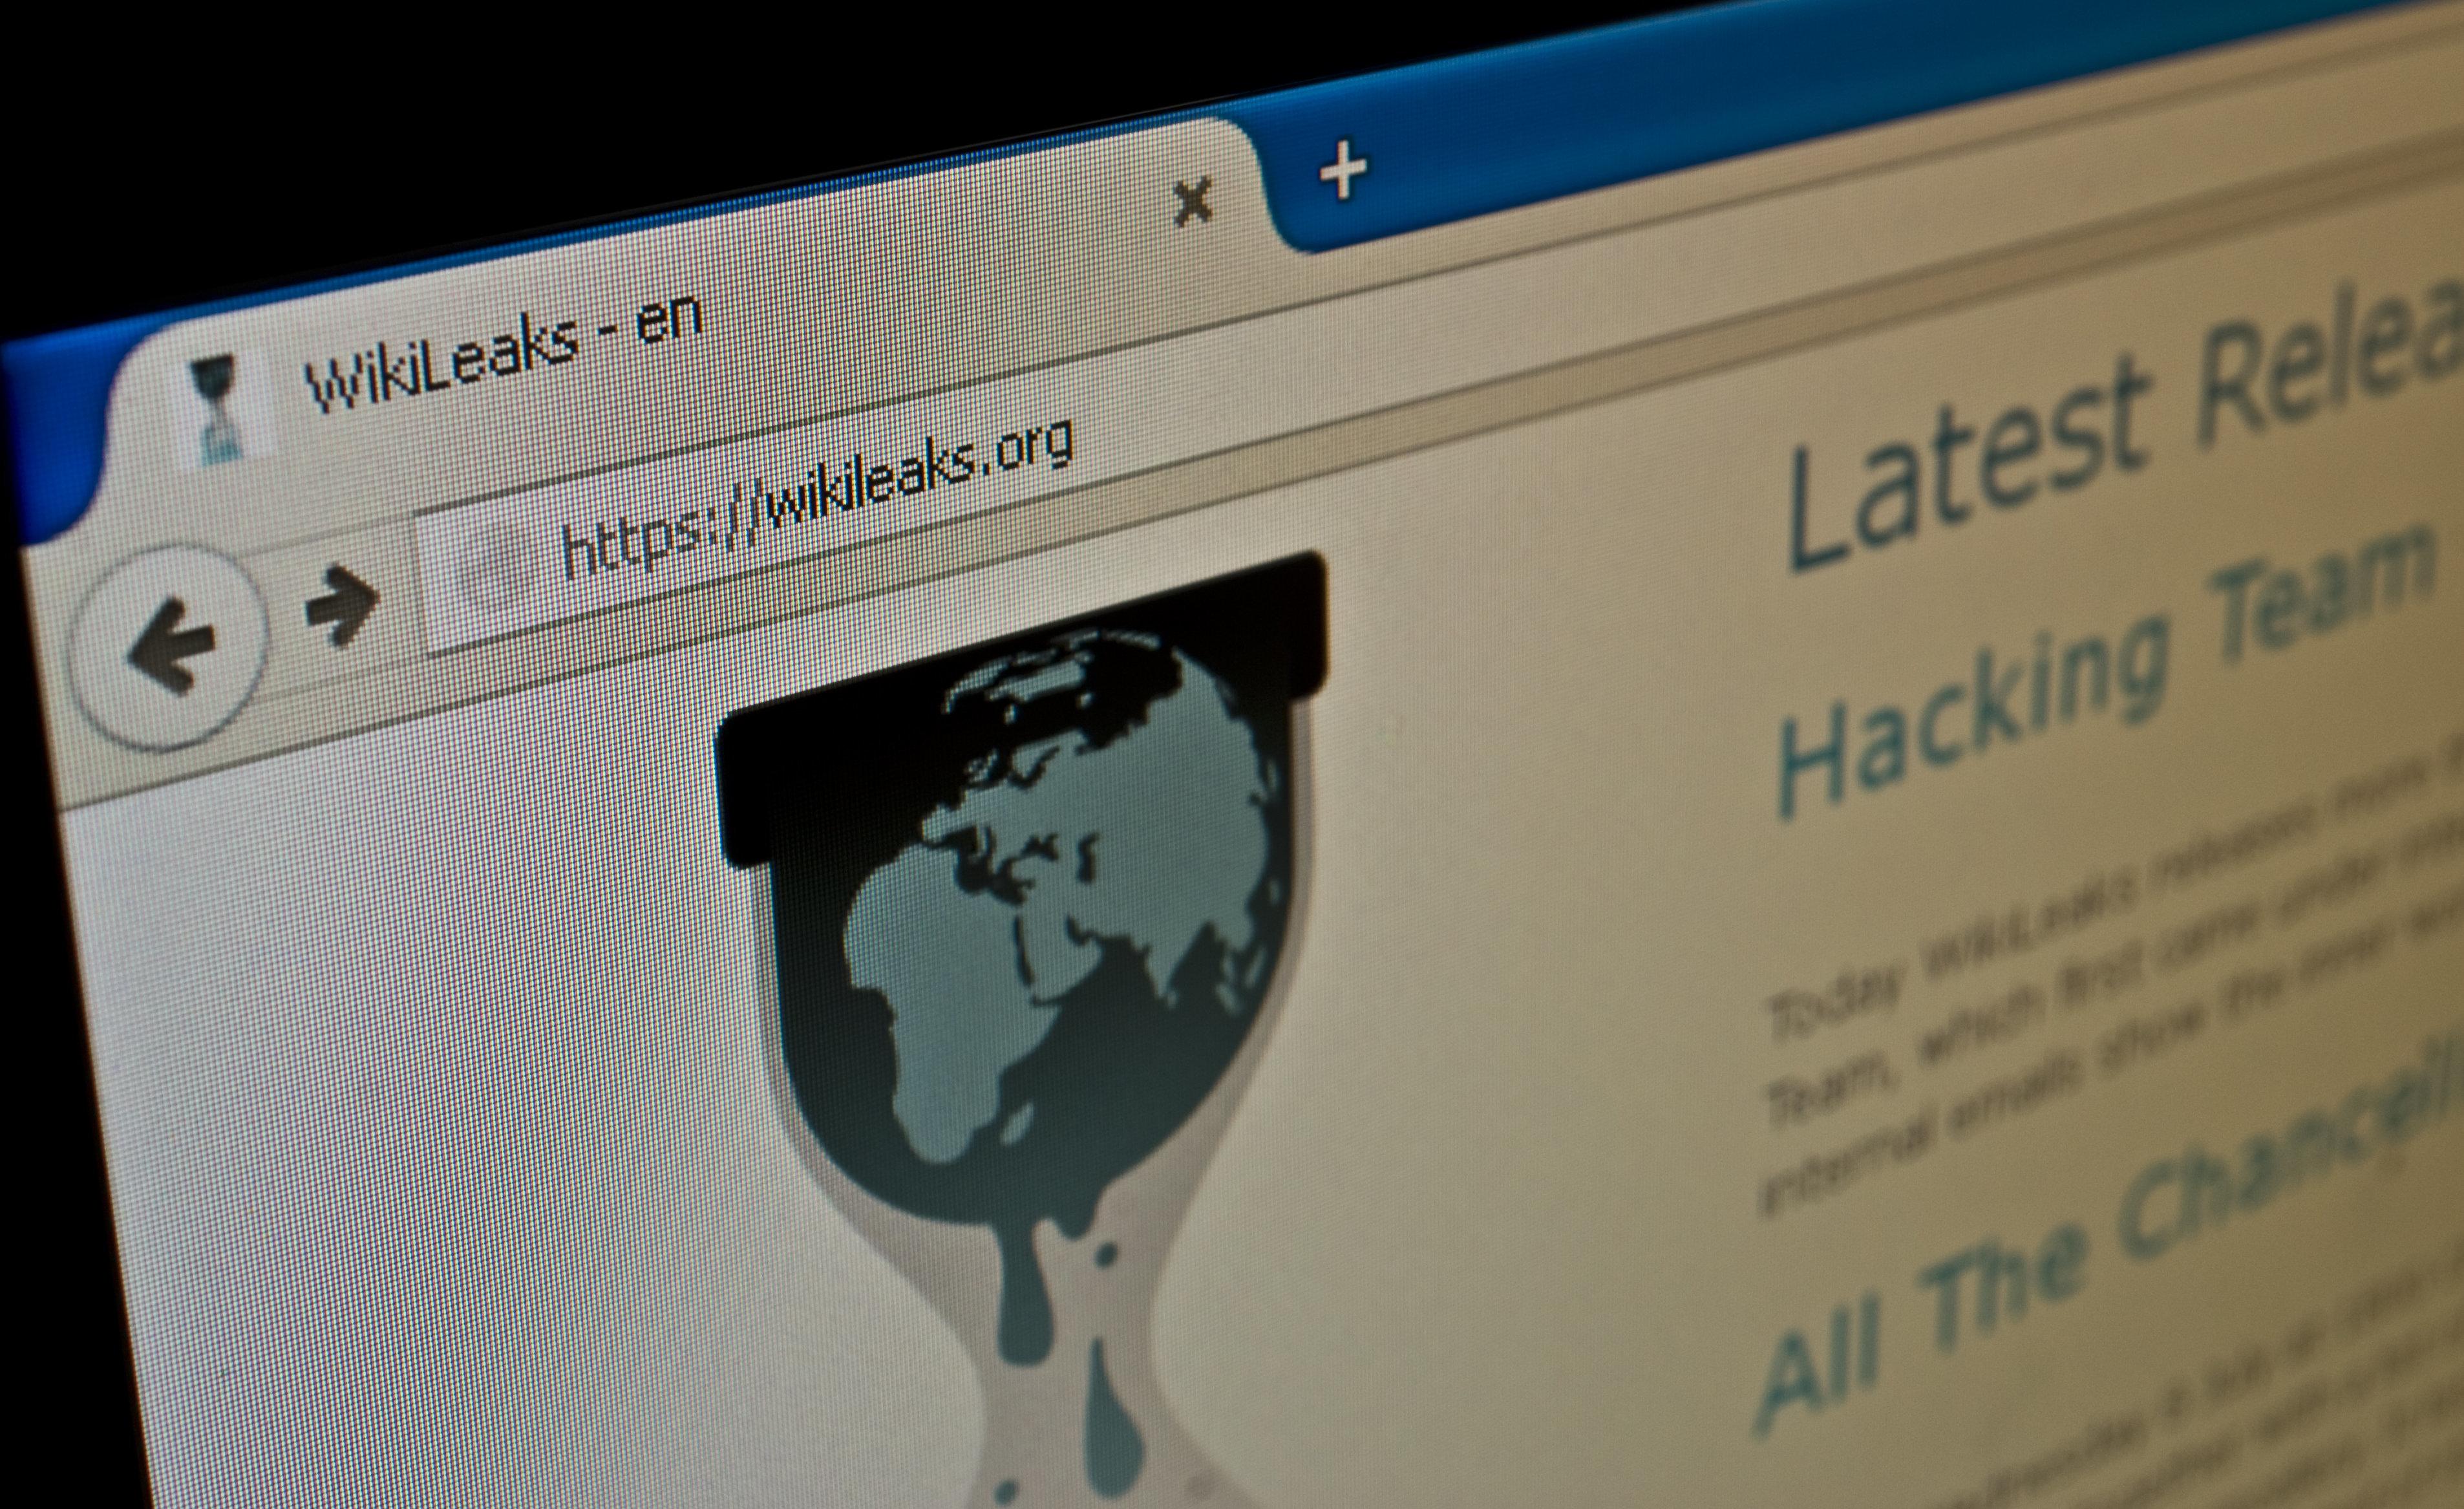 Νεκρός ο άνθρωπος που βοήθησε τα WikiLeaks να διαρρεύσουν τα mail της Κλίντον